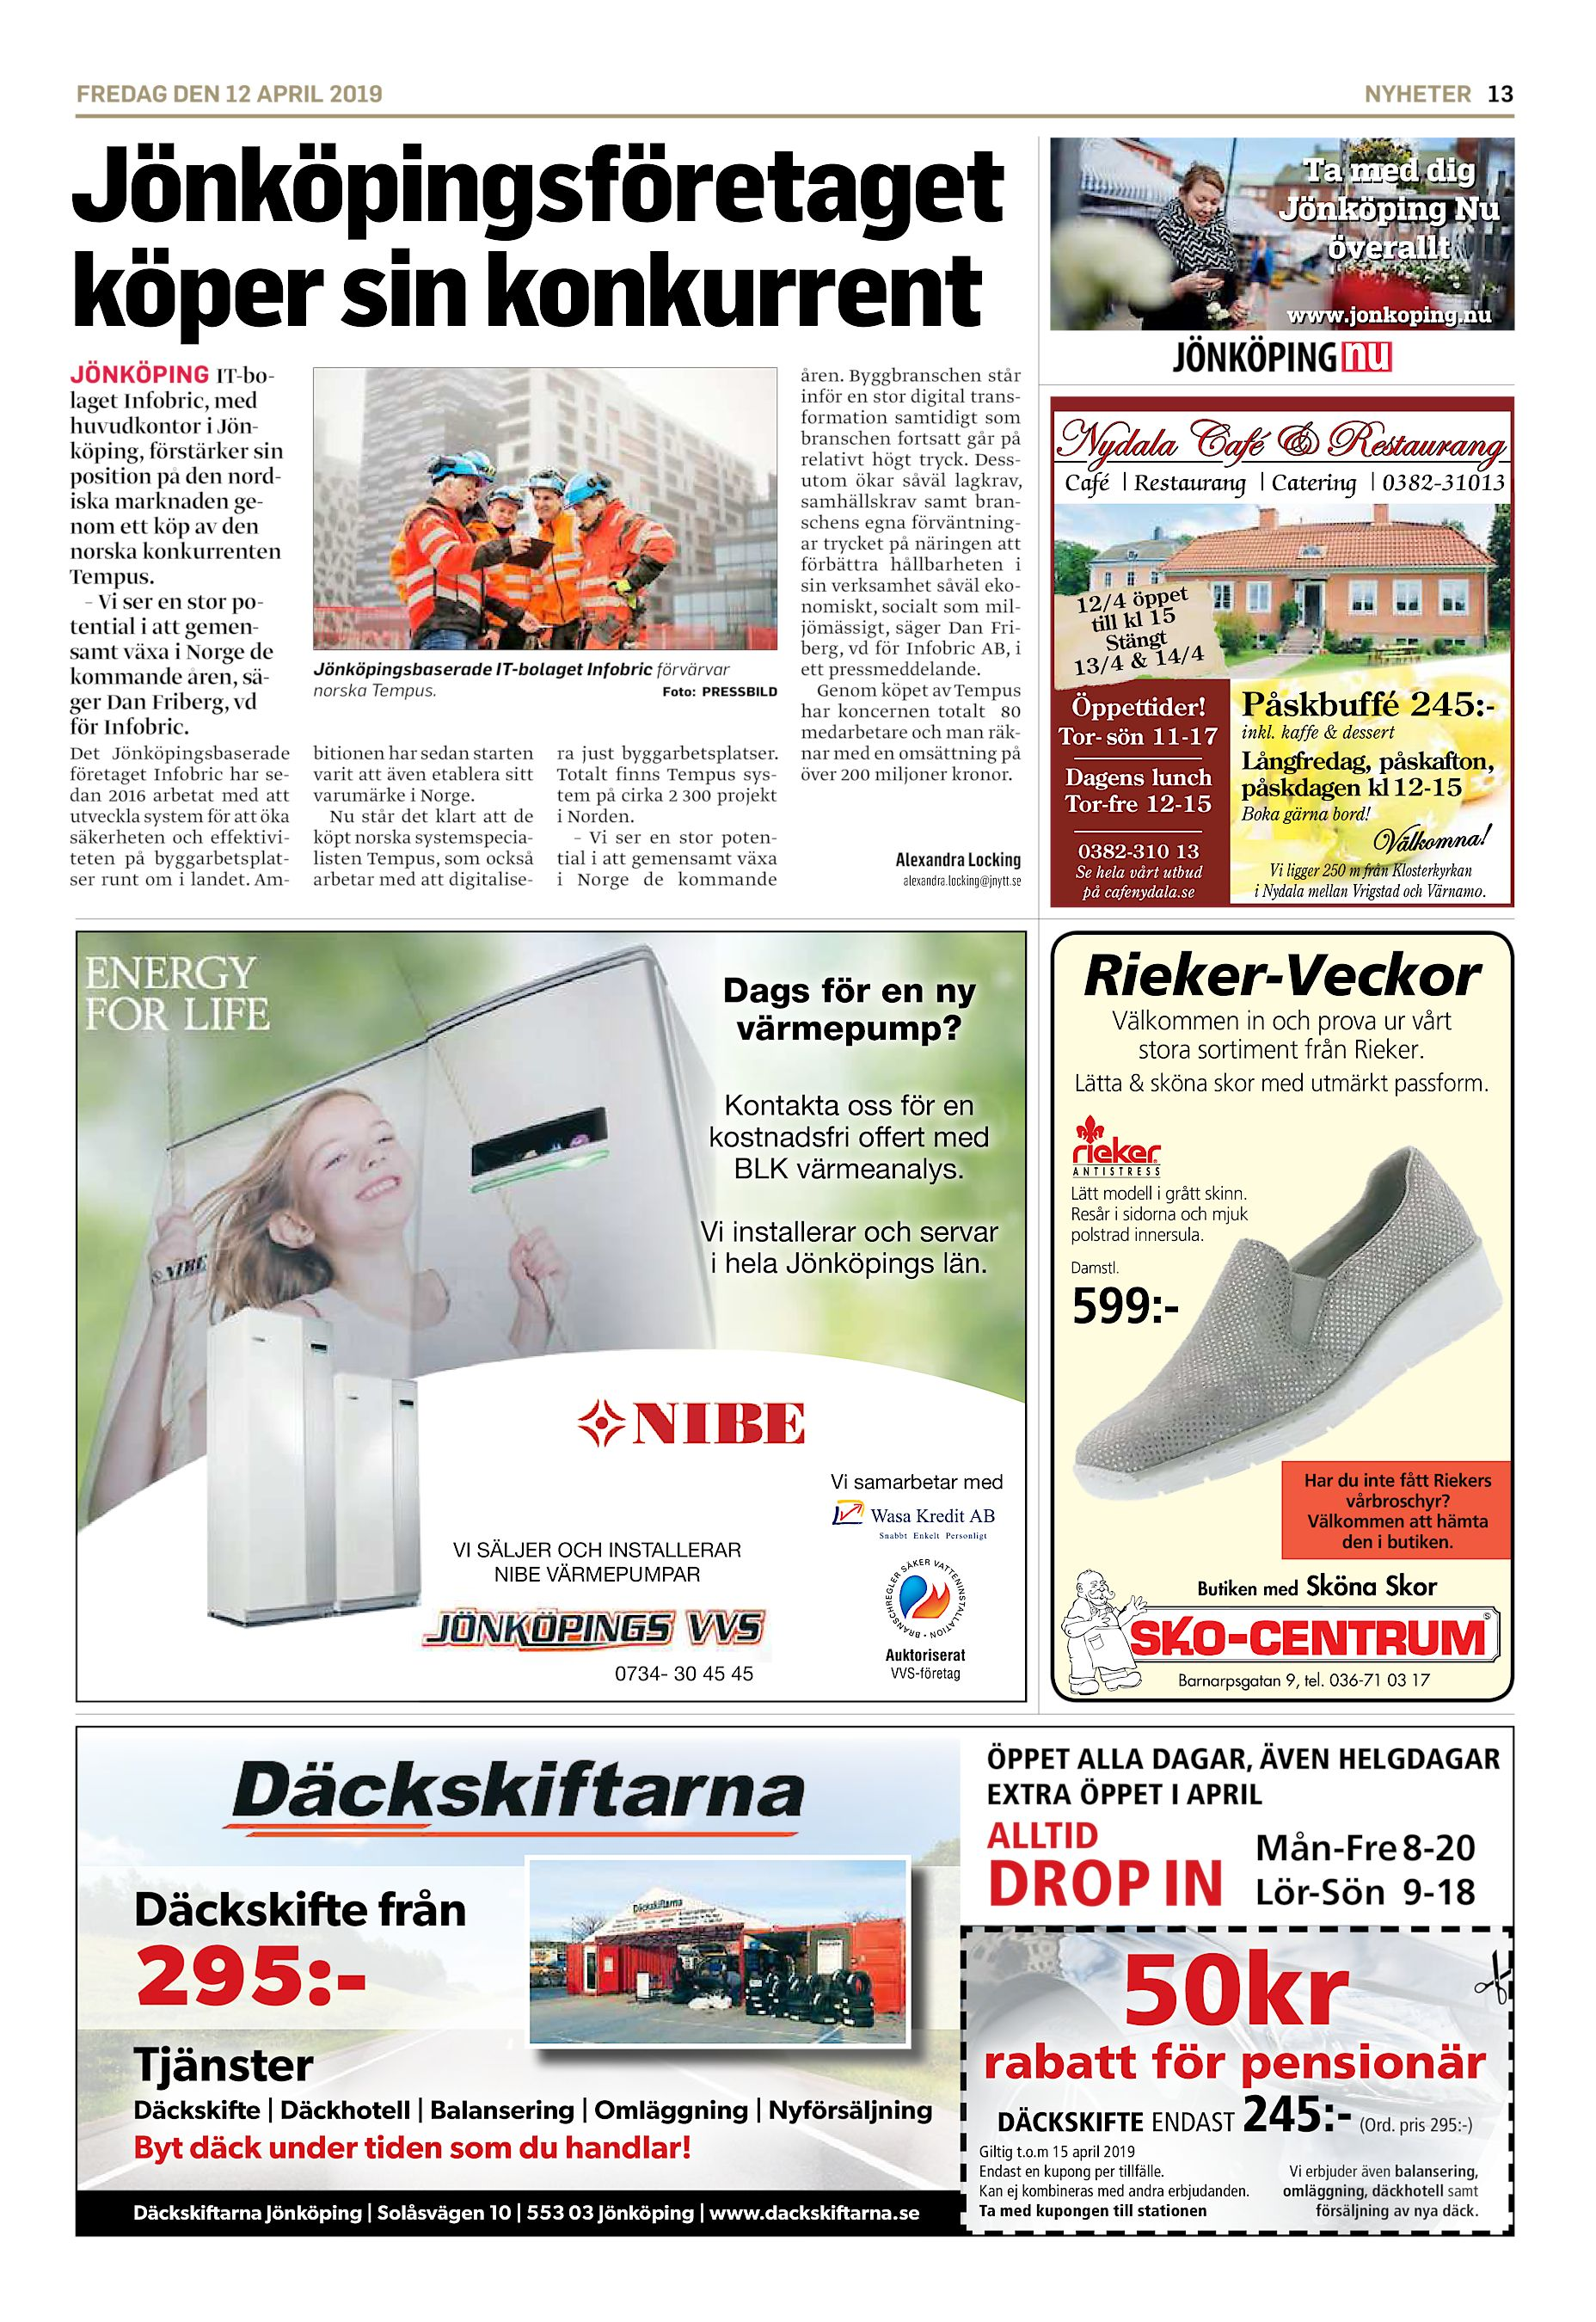 80c44d985abf FREDAG DEN 12 APRIL 2019 NYHETER 13 Jönköpingsföretaget köper sin  konkurrent JÖNKÖPING IT-bolaget Infobric, med huvudkontor i Jönköping,  förstärker sin ...